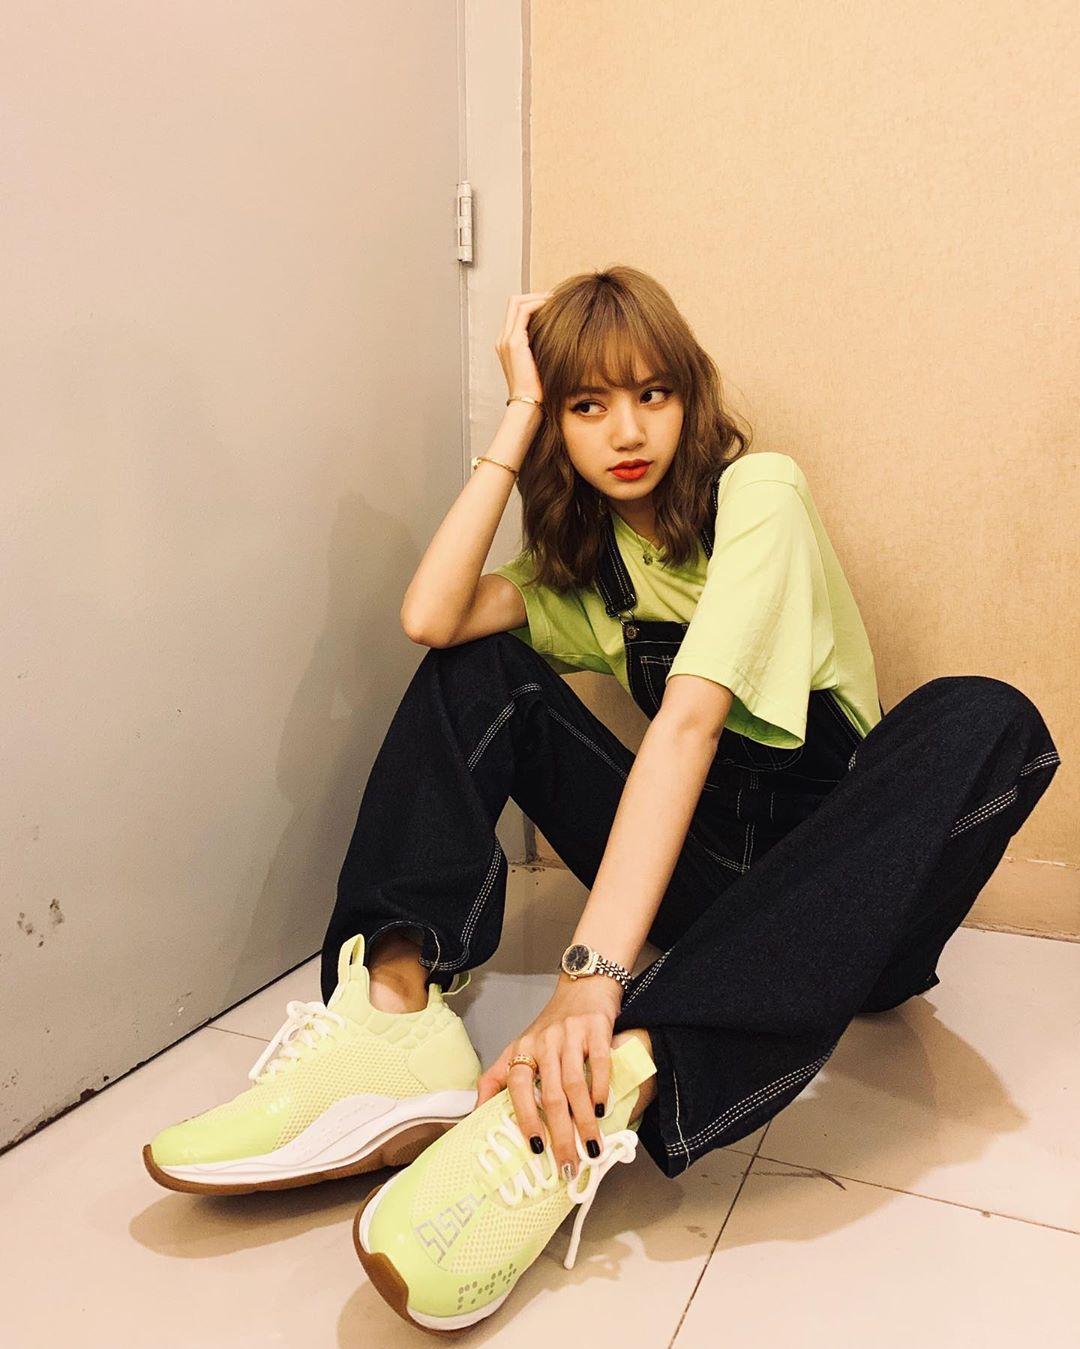 Lisa mặc áo và đi giày xanh, phối cùng quần đen